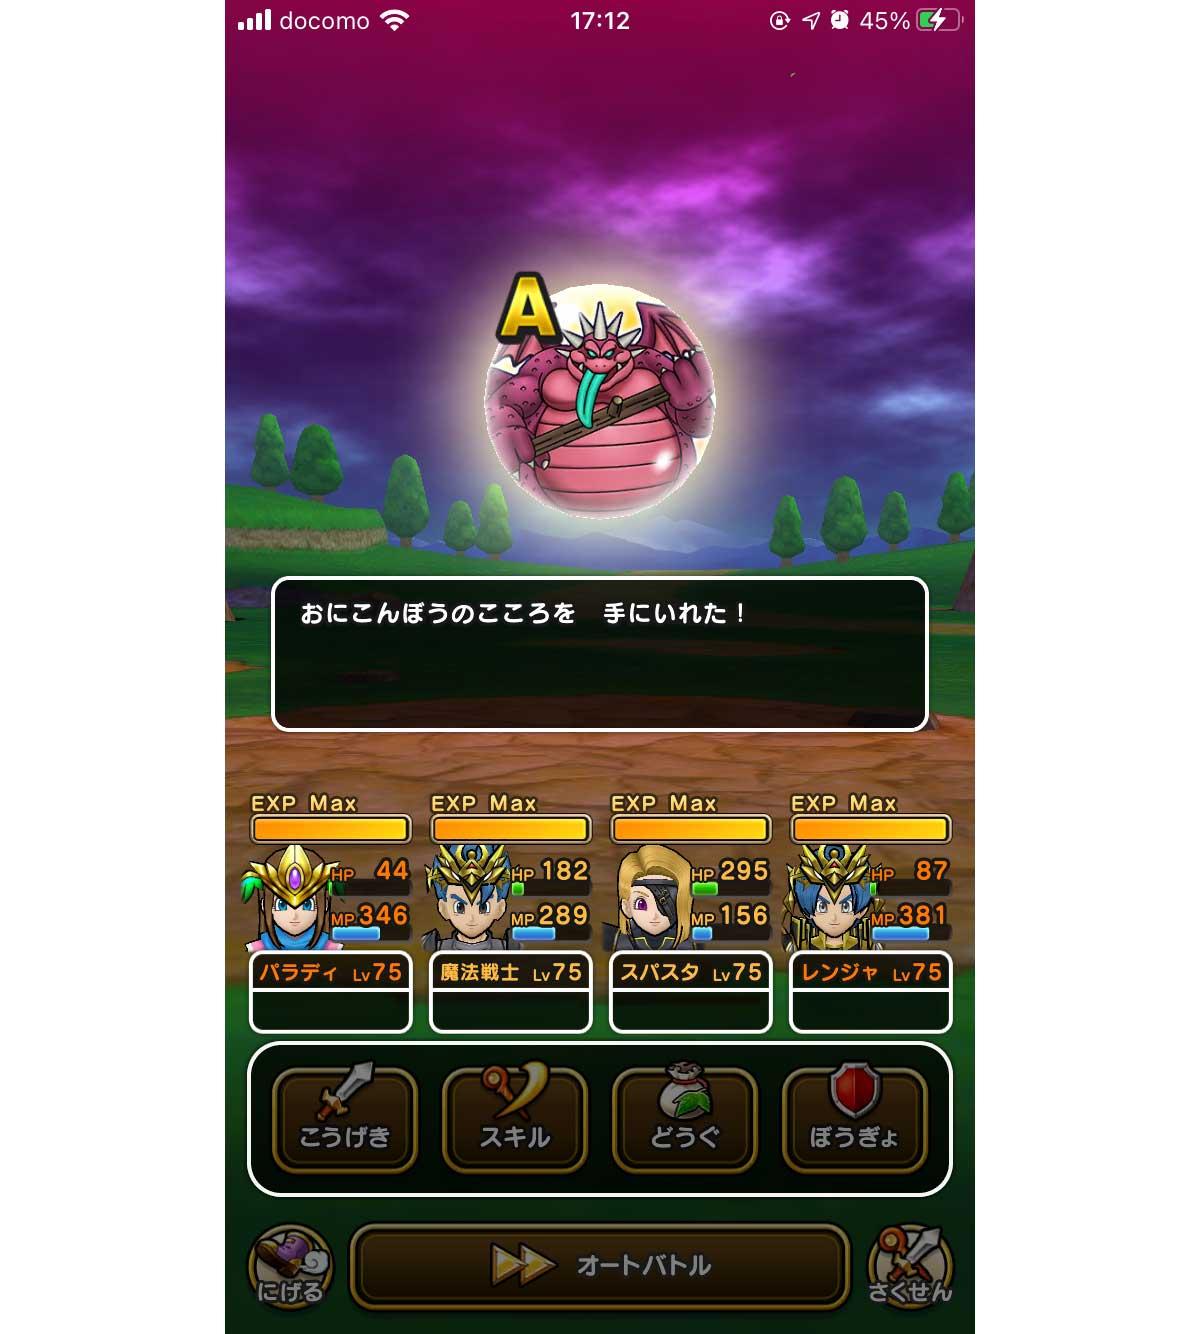 おにこんぼうに勝てない人への安定攻略法!スーパースターをメガモン戦に活用しフルオートで鬼棍棒を倒そうう! dragonquest-walk-onikonbo-img_5830